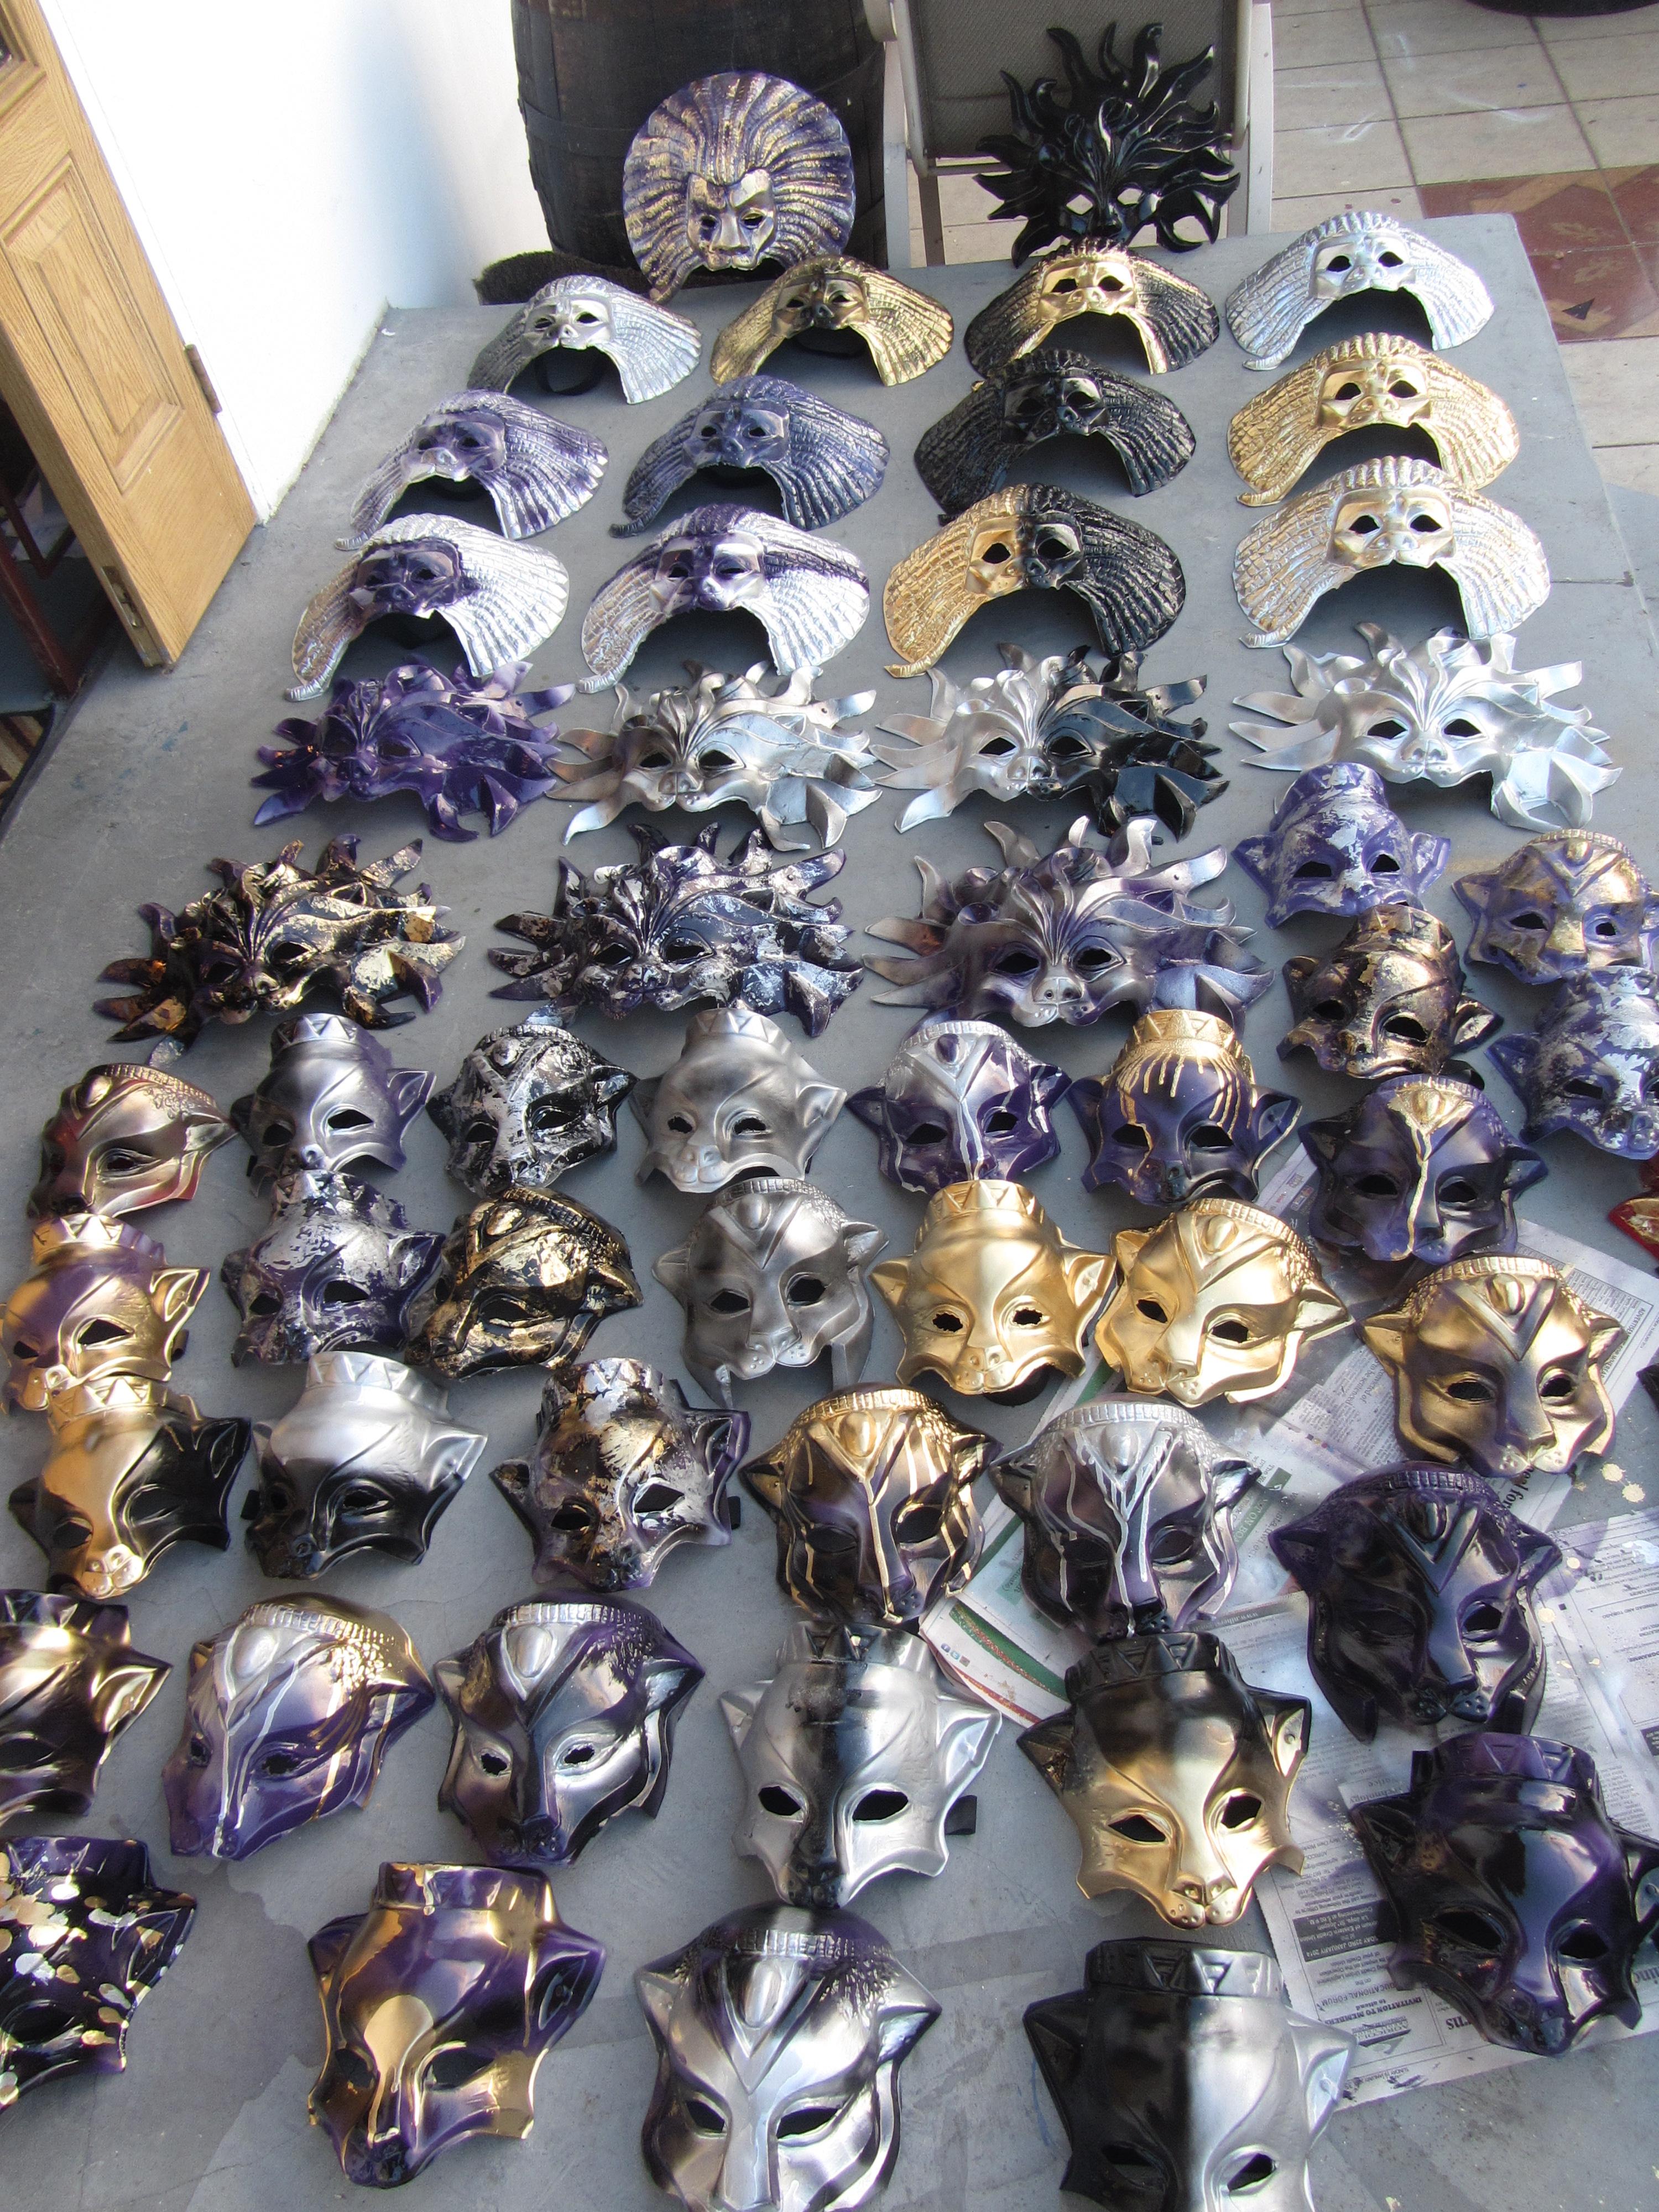 65 1 masks